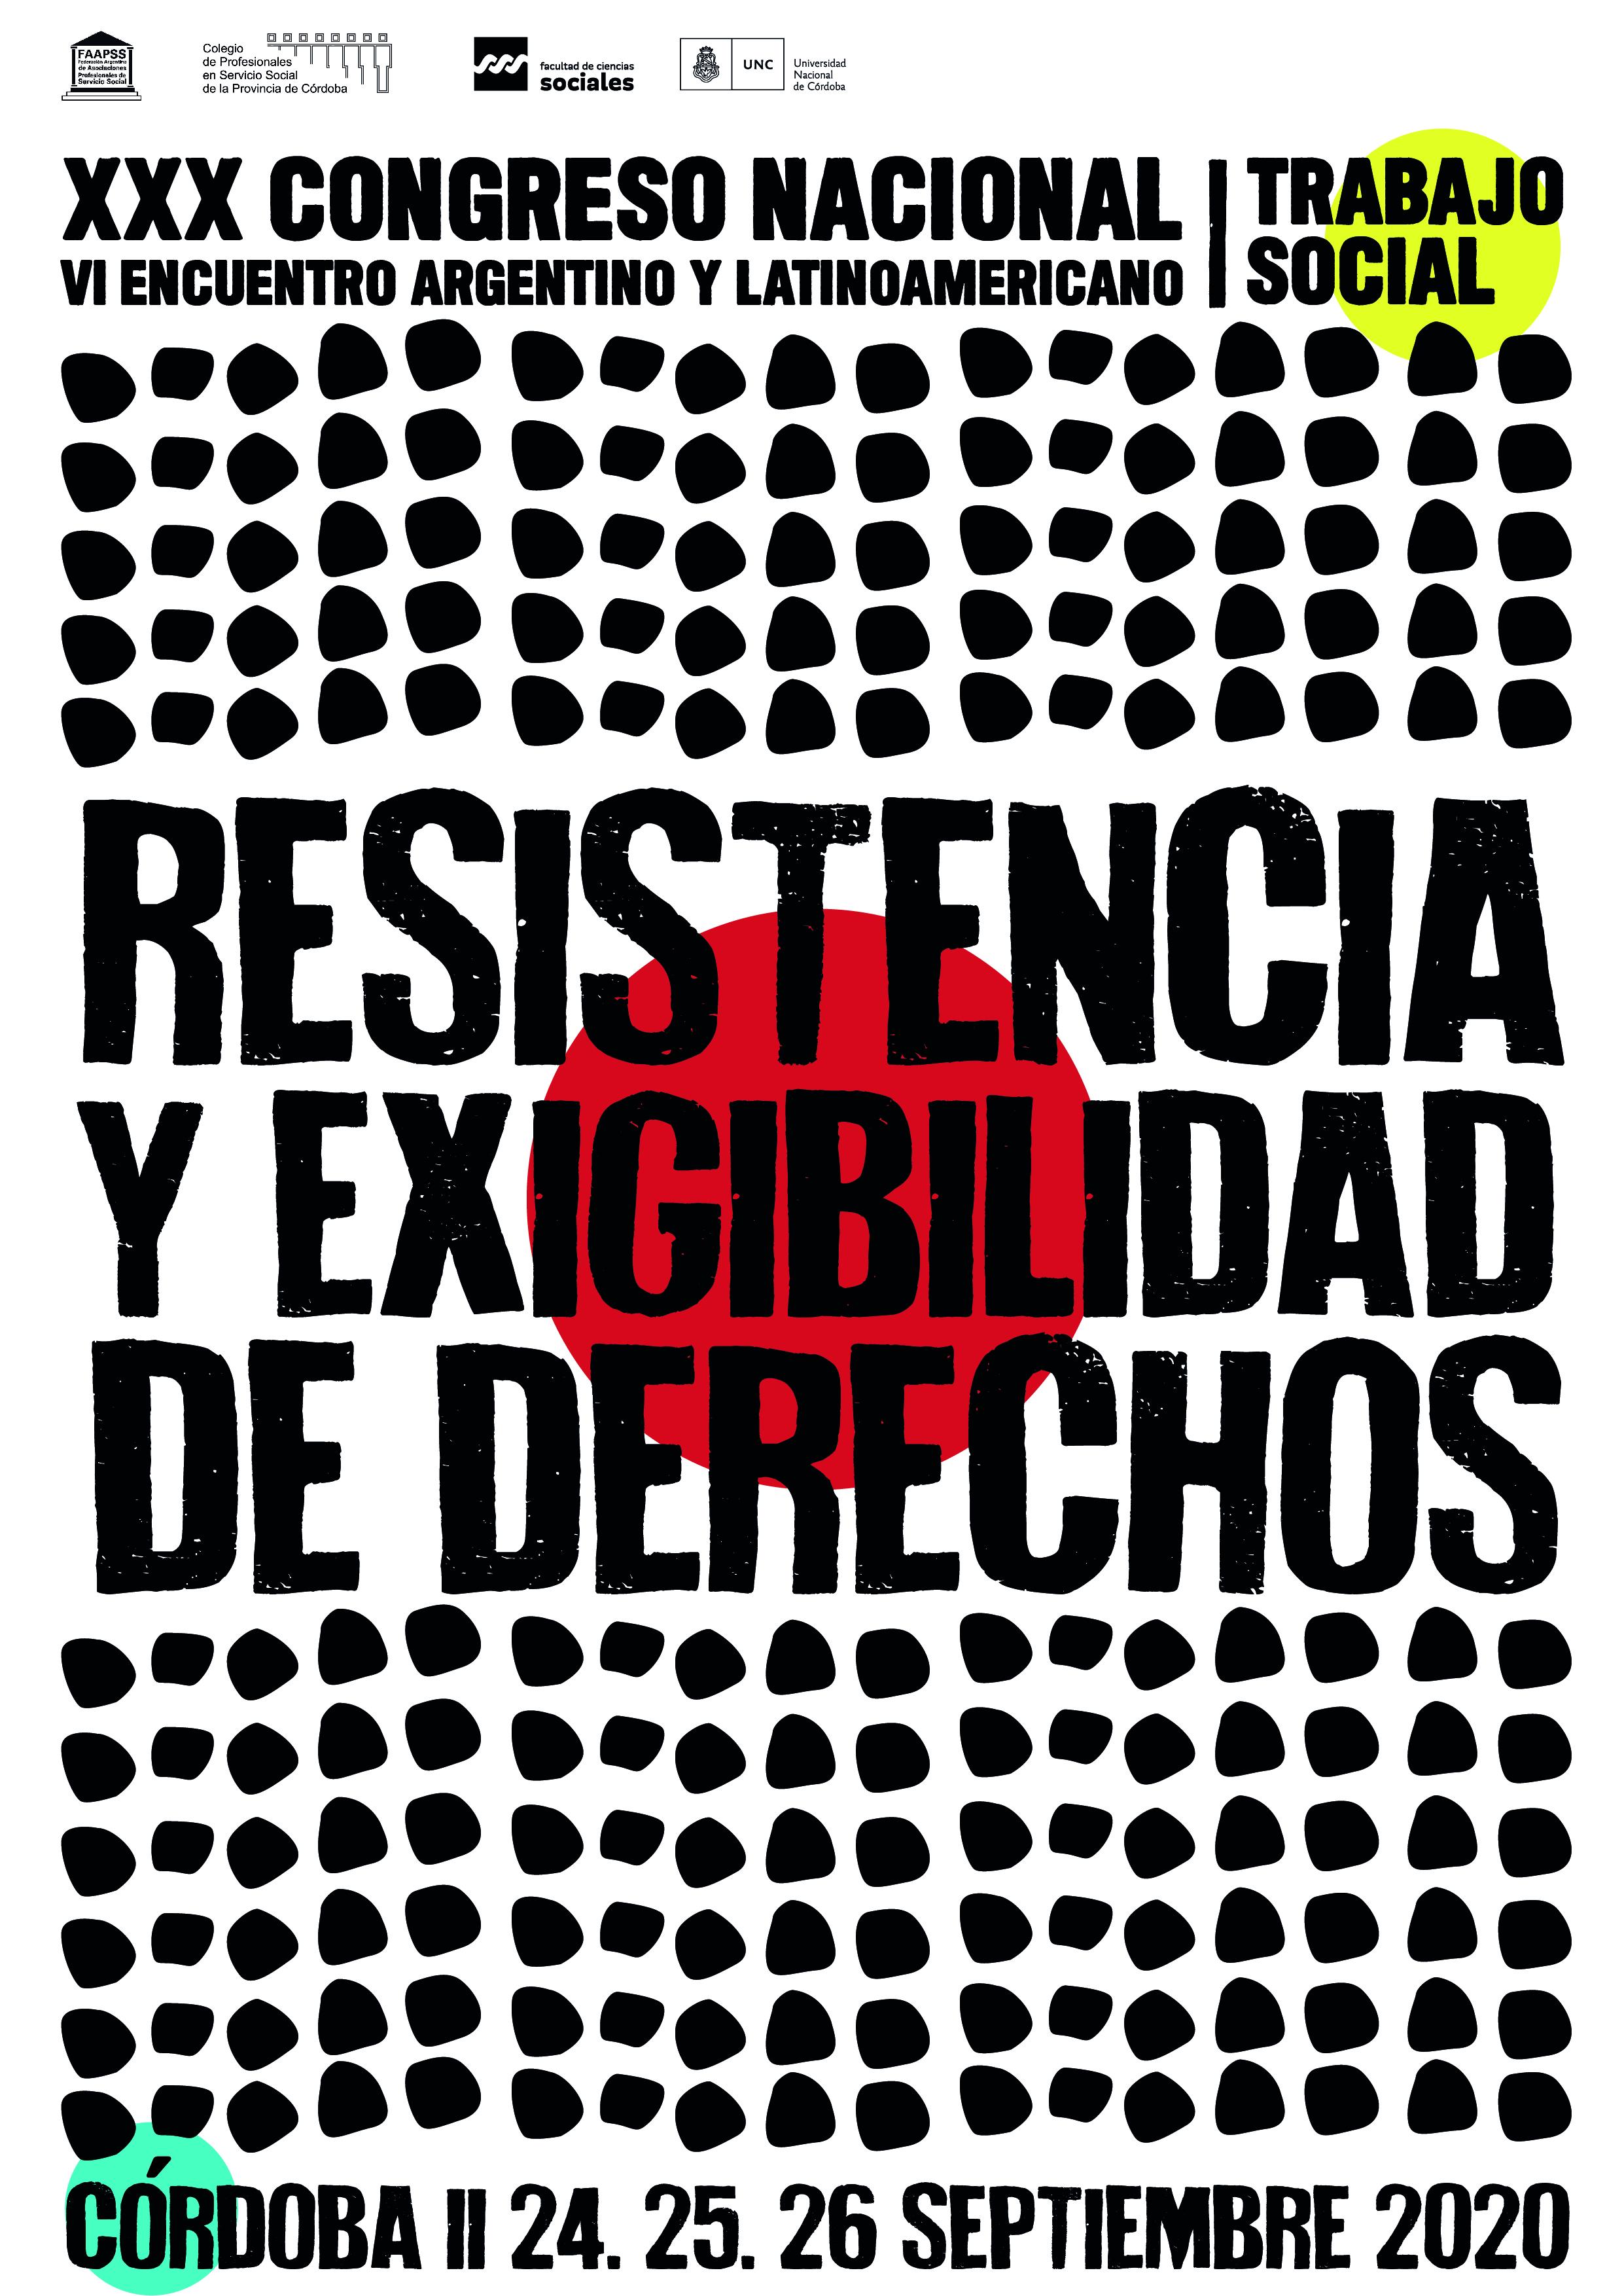 Segunda Circular XXX Congreso Nacional de Trabajo Social – Córdoba